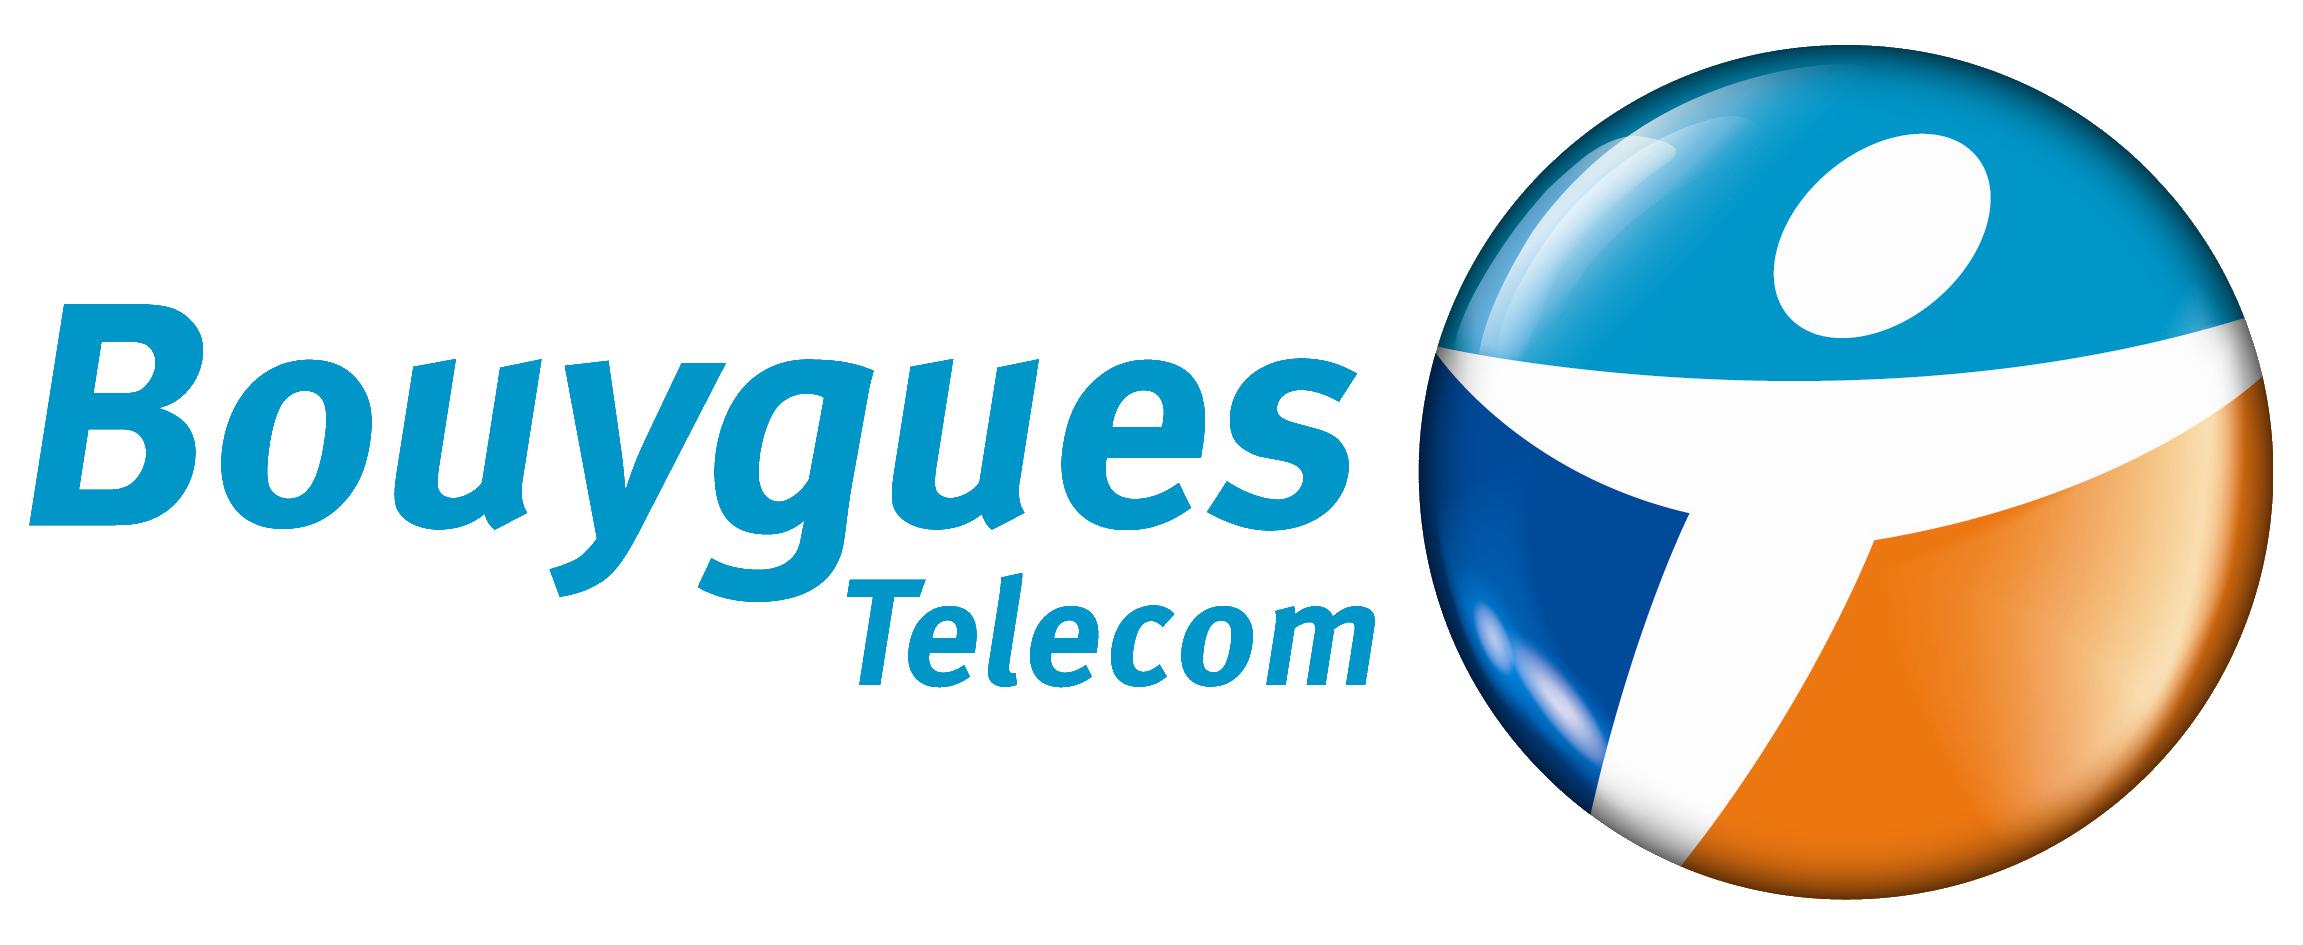 Appels, SMS et internet depuis l'Europe et les DOM inclus dans les forfaits Sensation (dès 29.99€/mois)